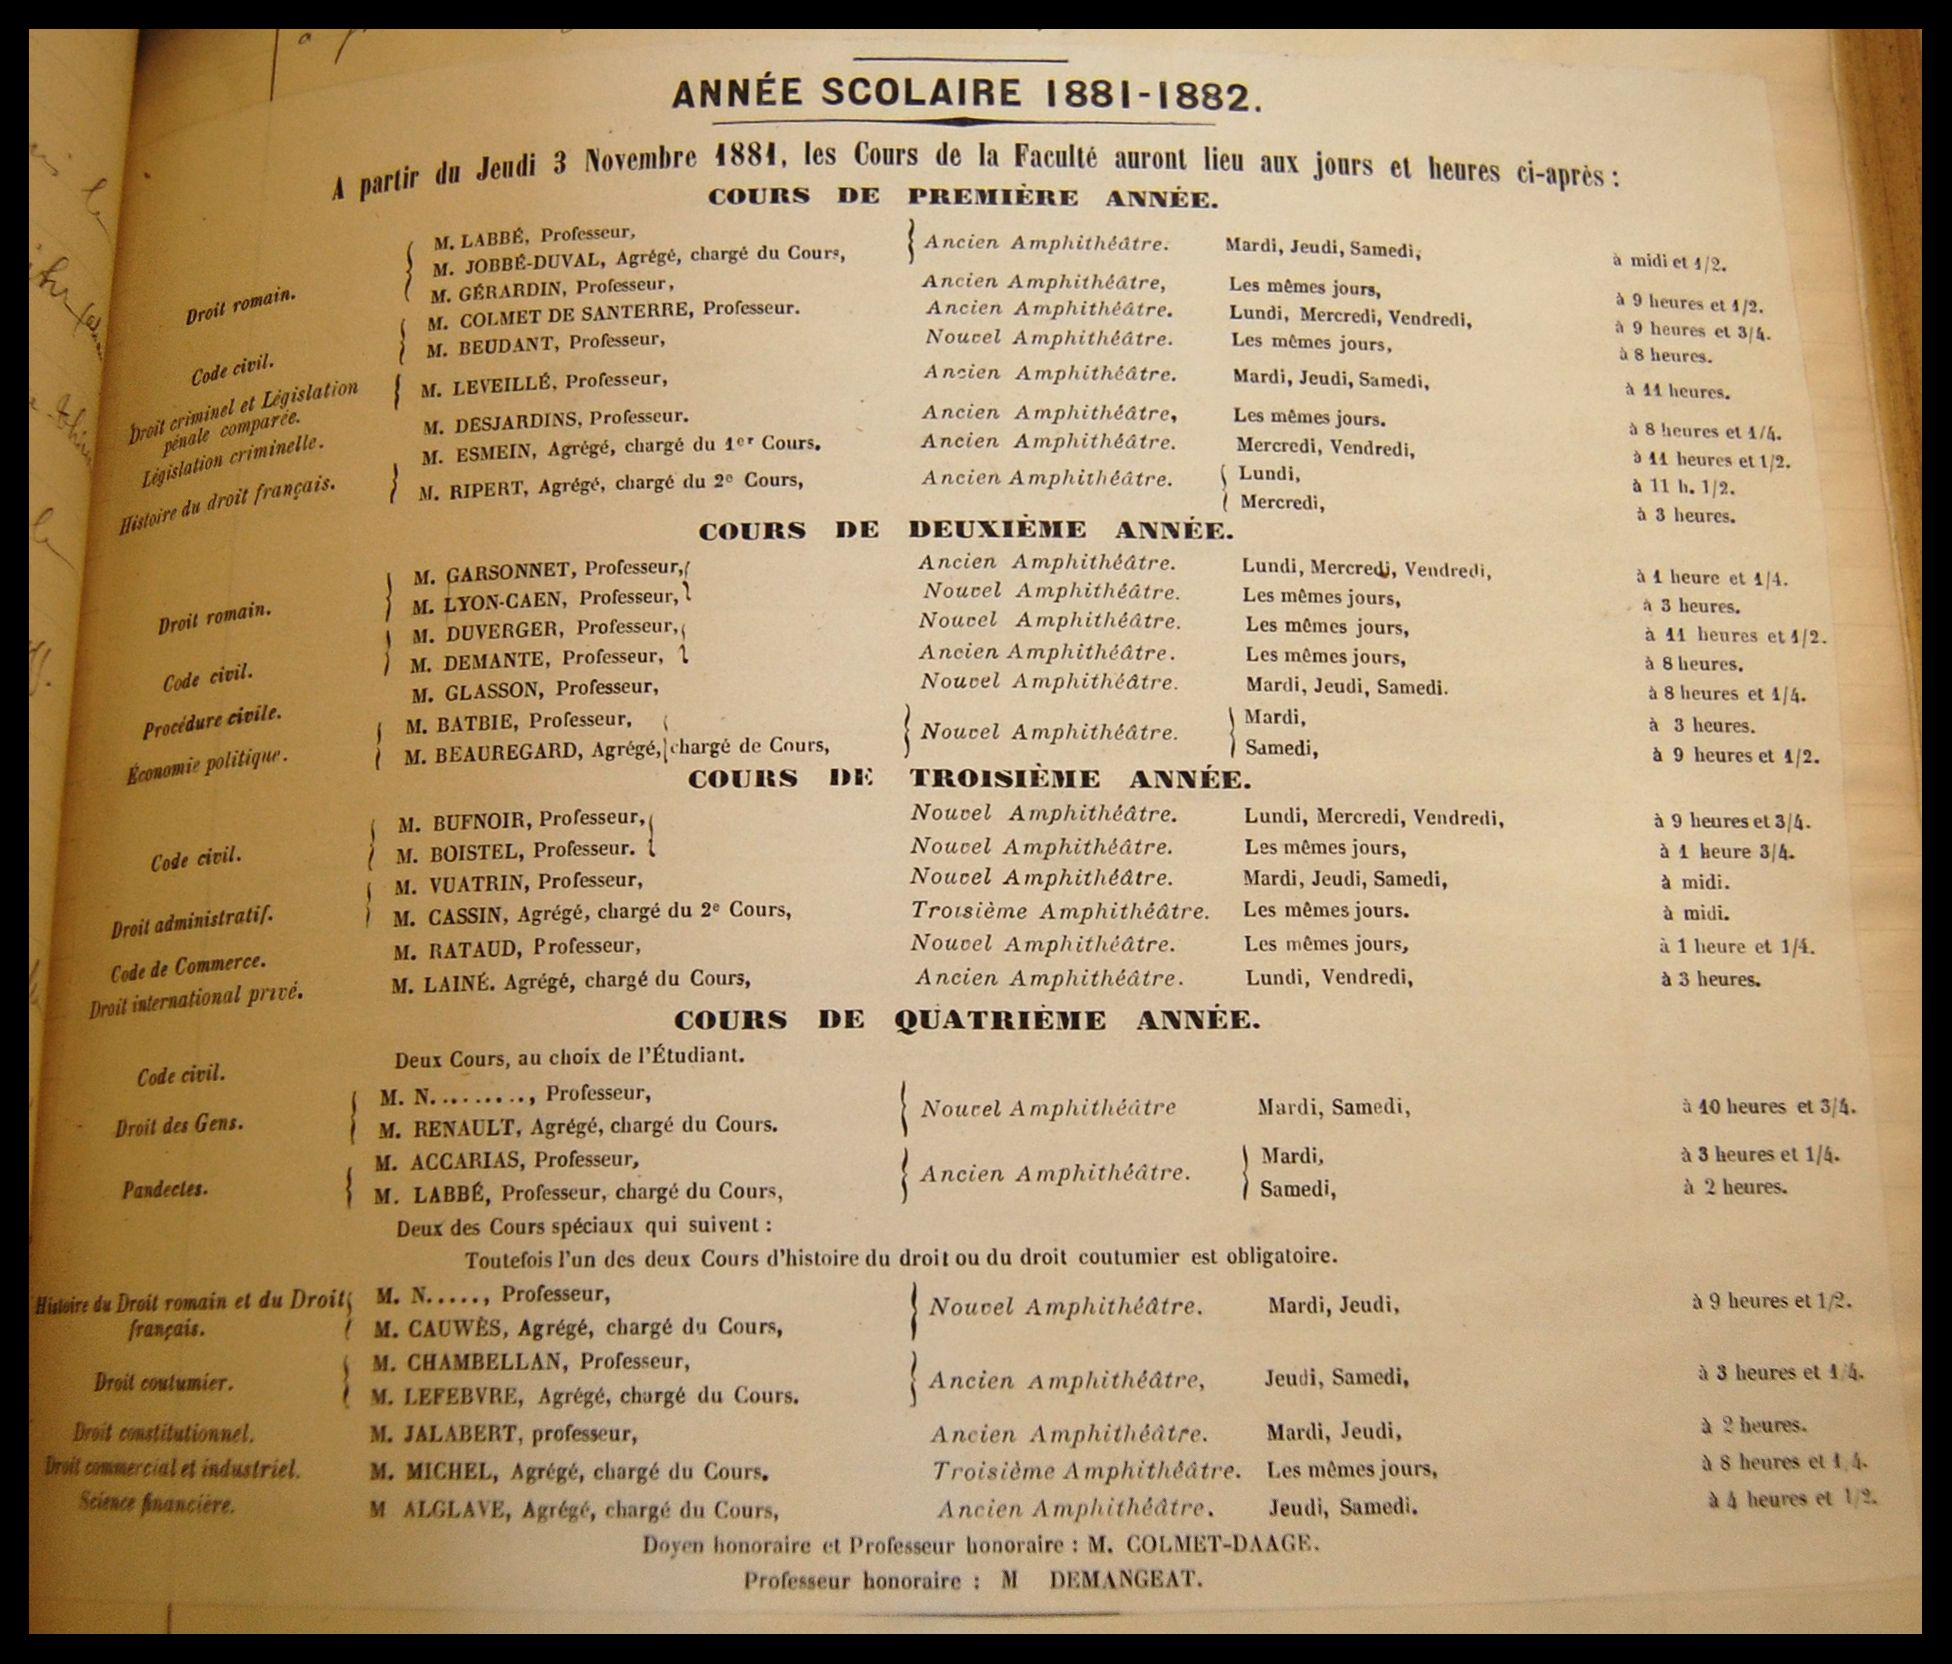 Liste des cours de la Faculté de droit de Paris pour l'année 1881-1882